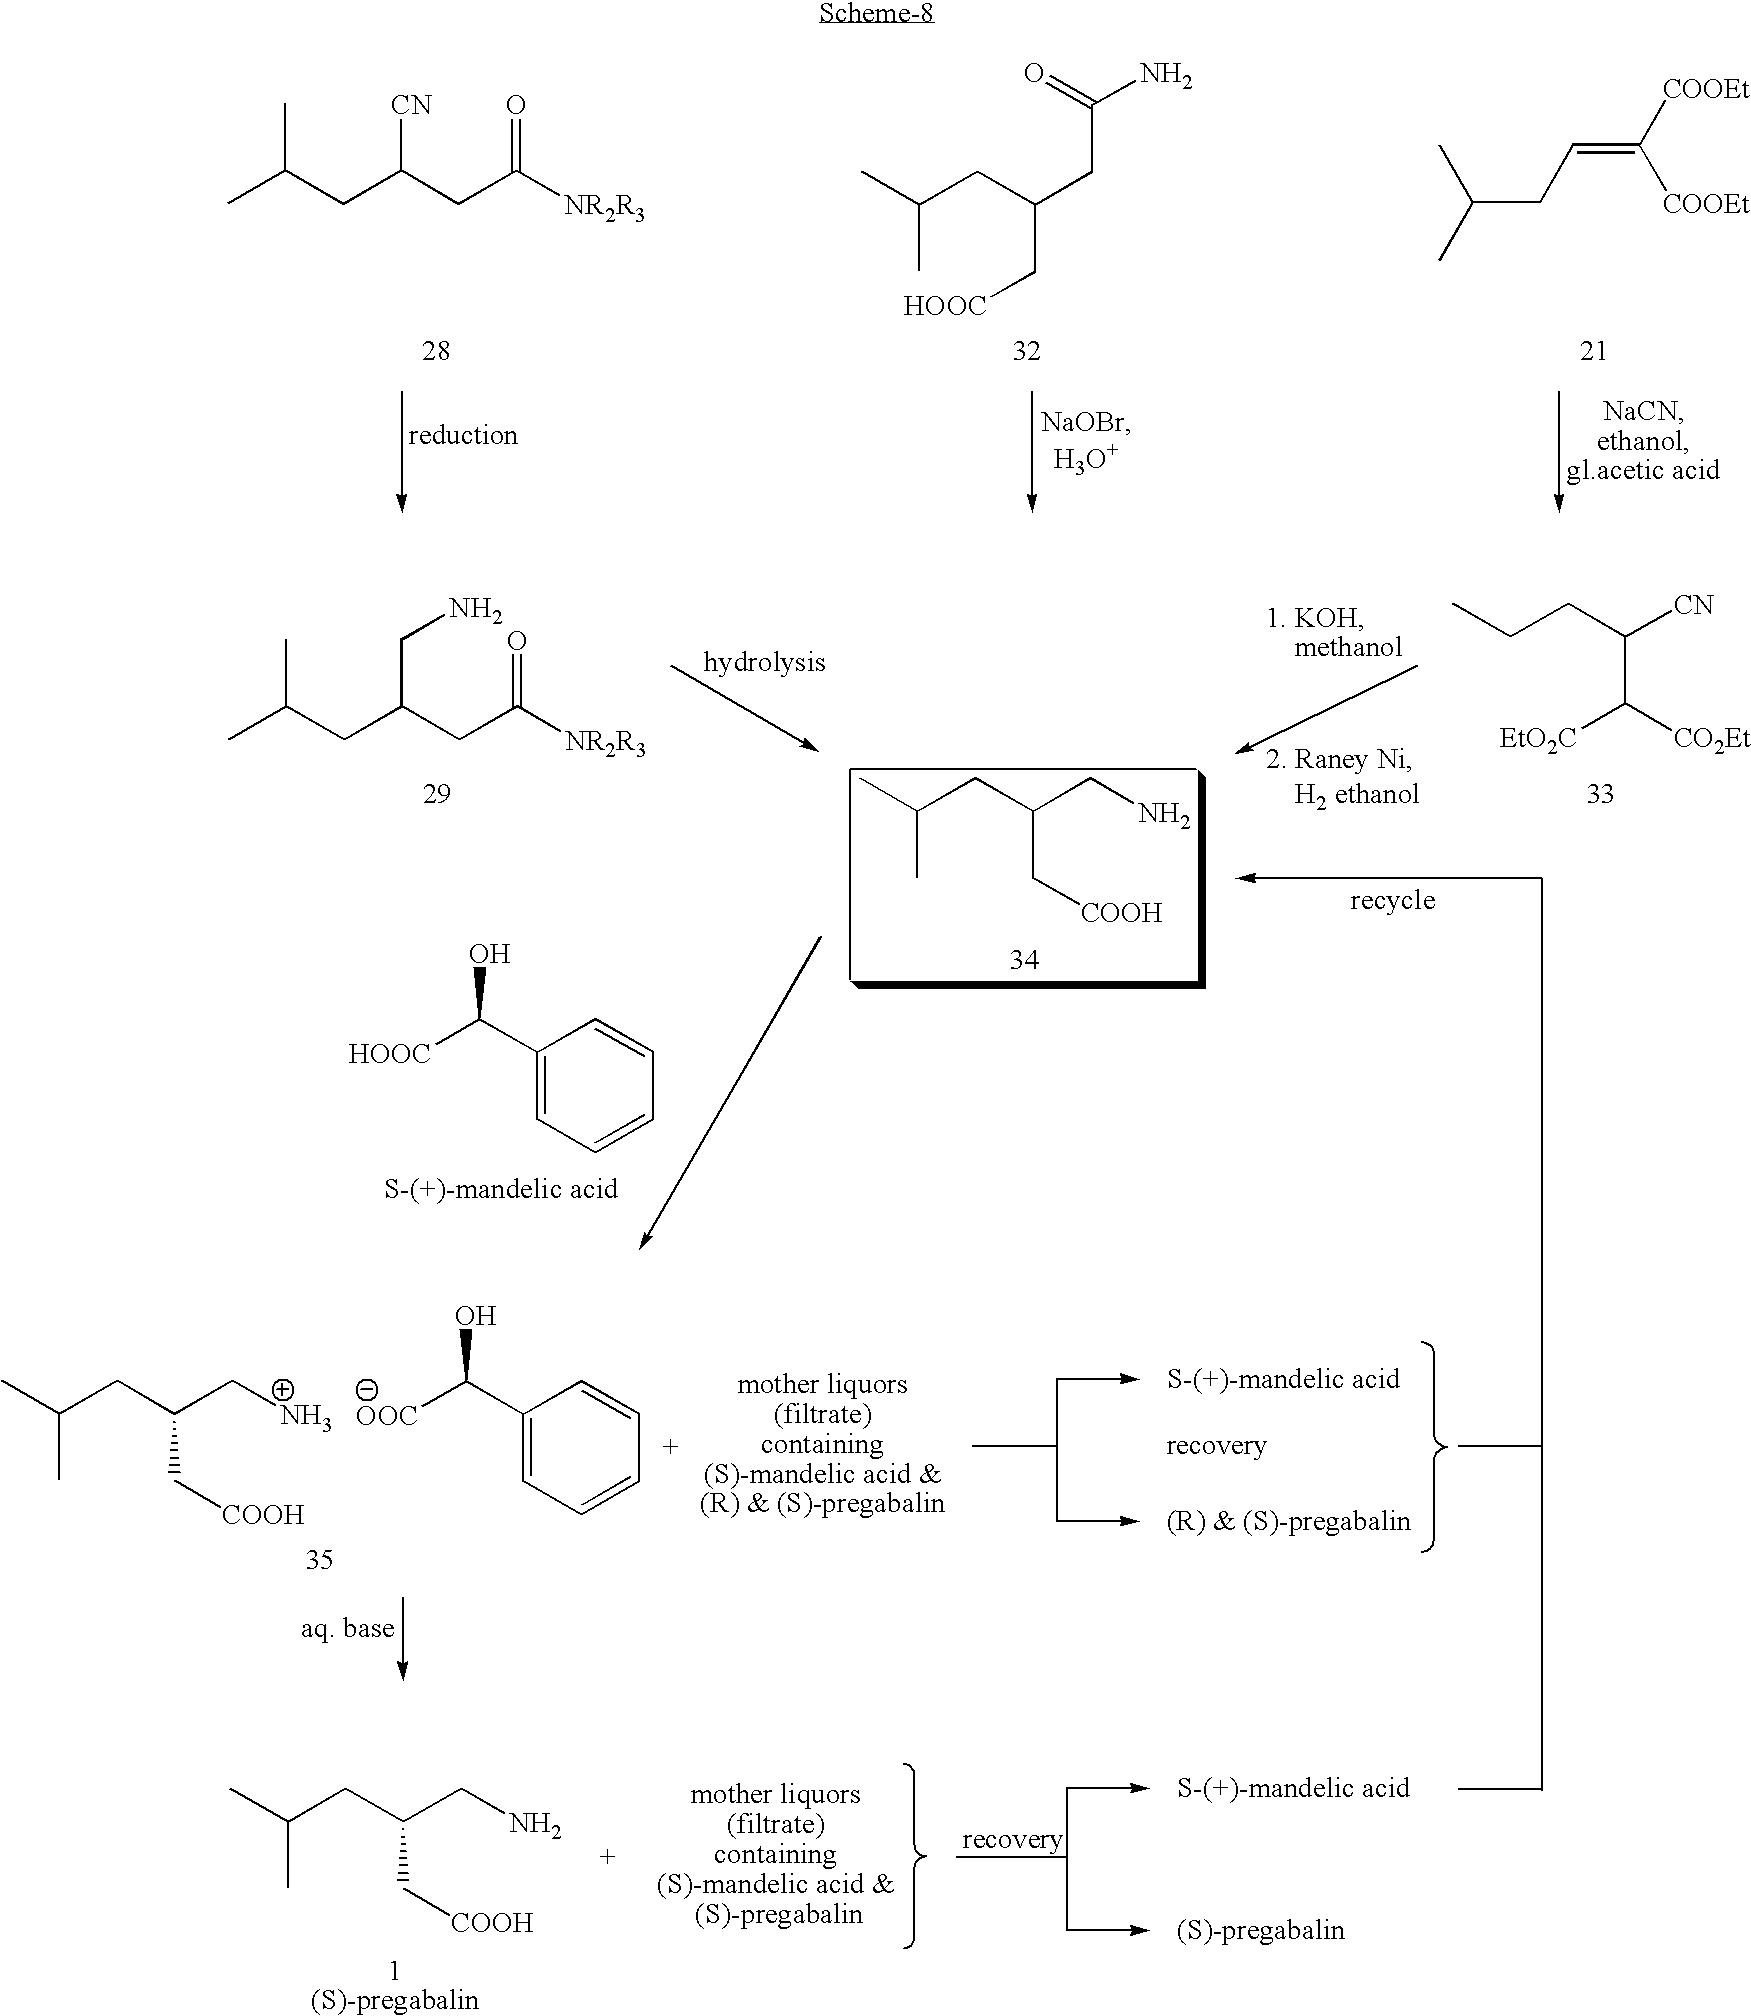 r isomer of pregabalin 75